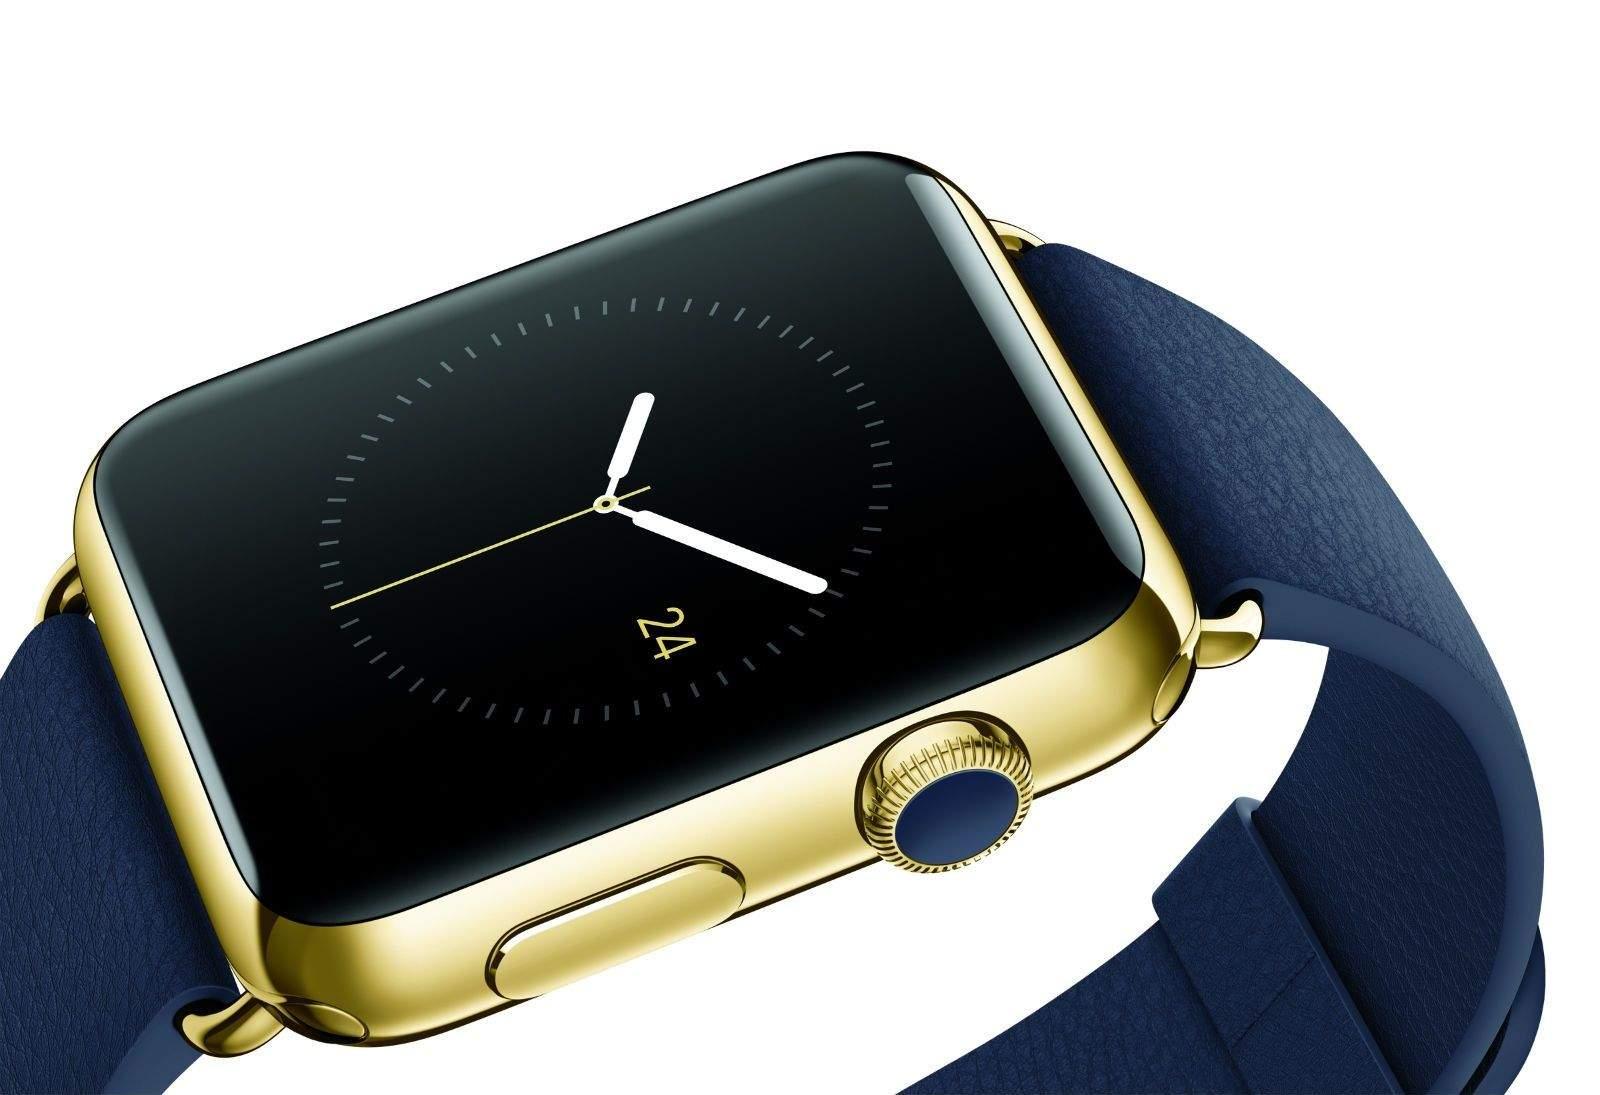 Dlaczego nikt nie krzyczy, że nową wersją Watcha Apple przyznał się do totalnej porażki?